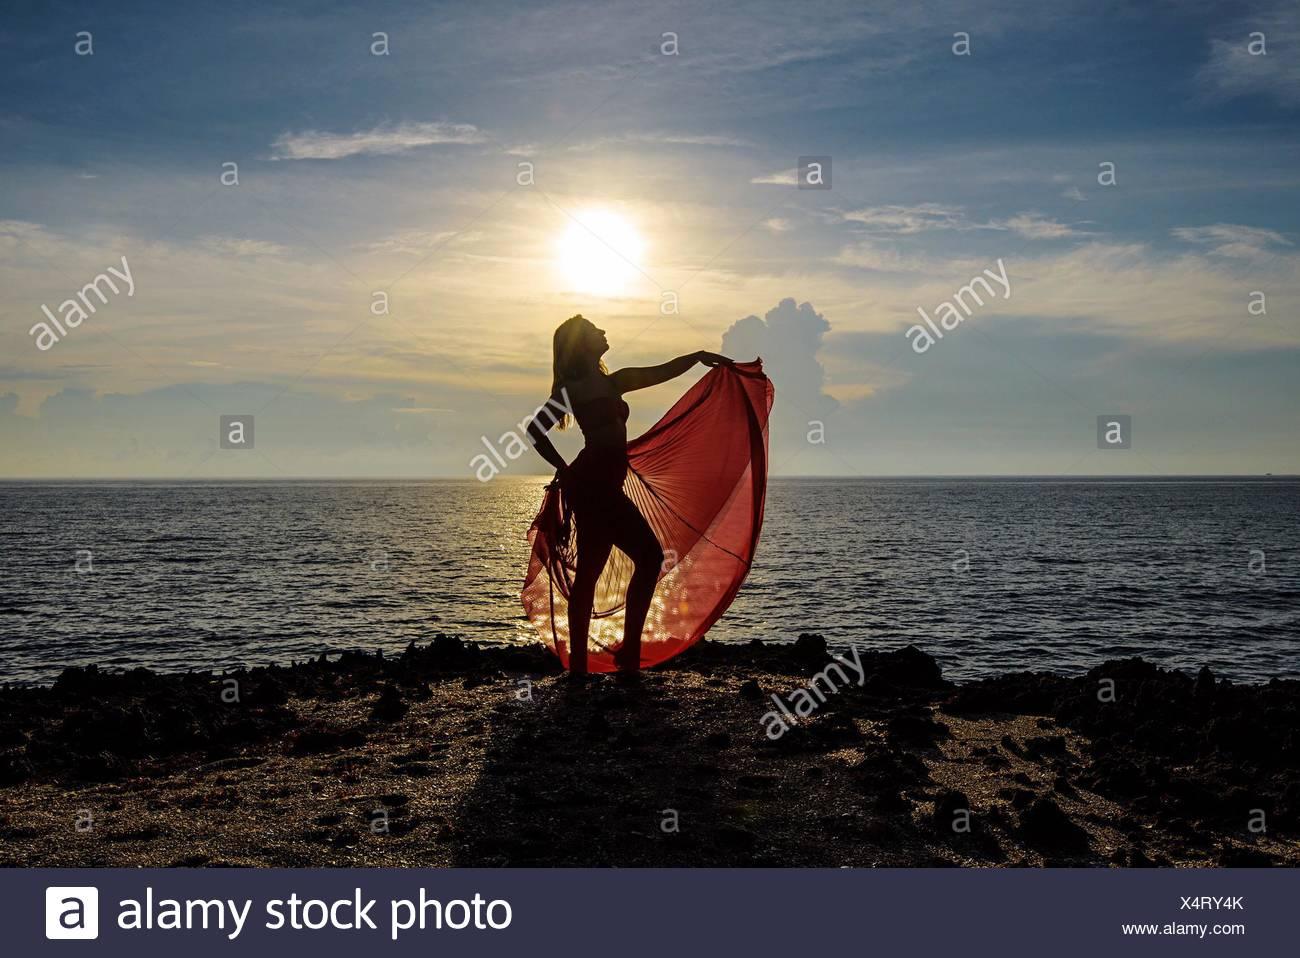 Donna in piedi sulla scogliera dal mare contro il cielo durante il tramonto Immagini Stock